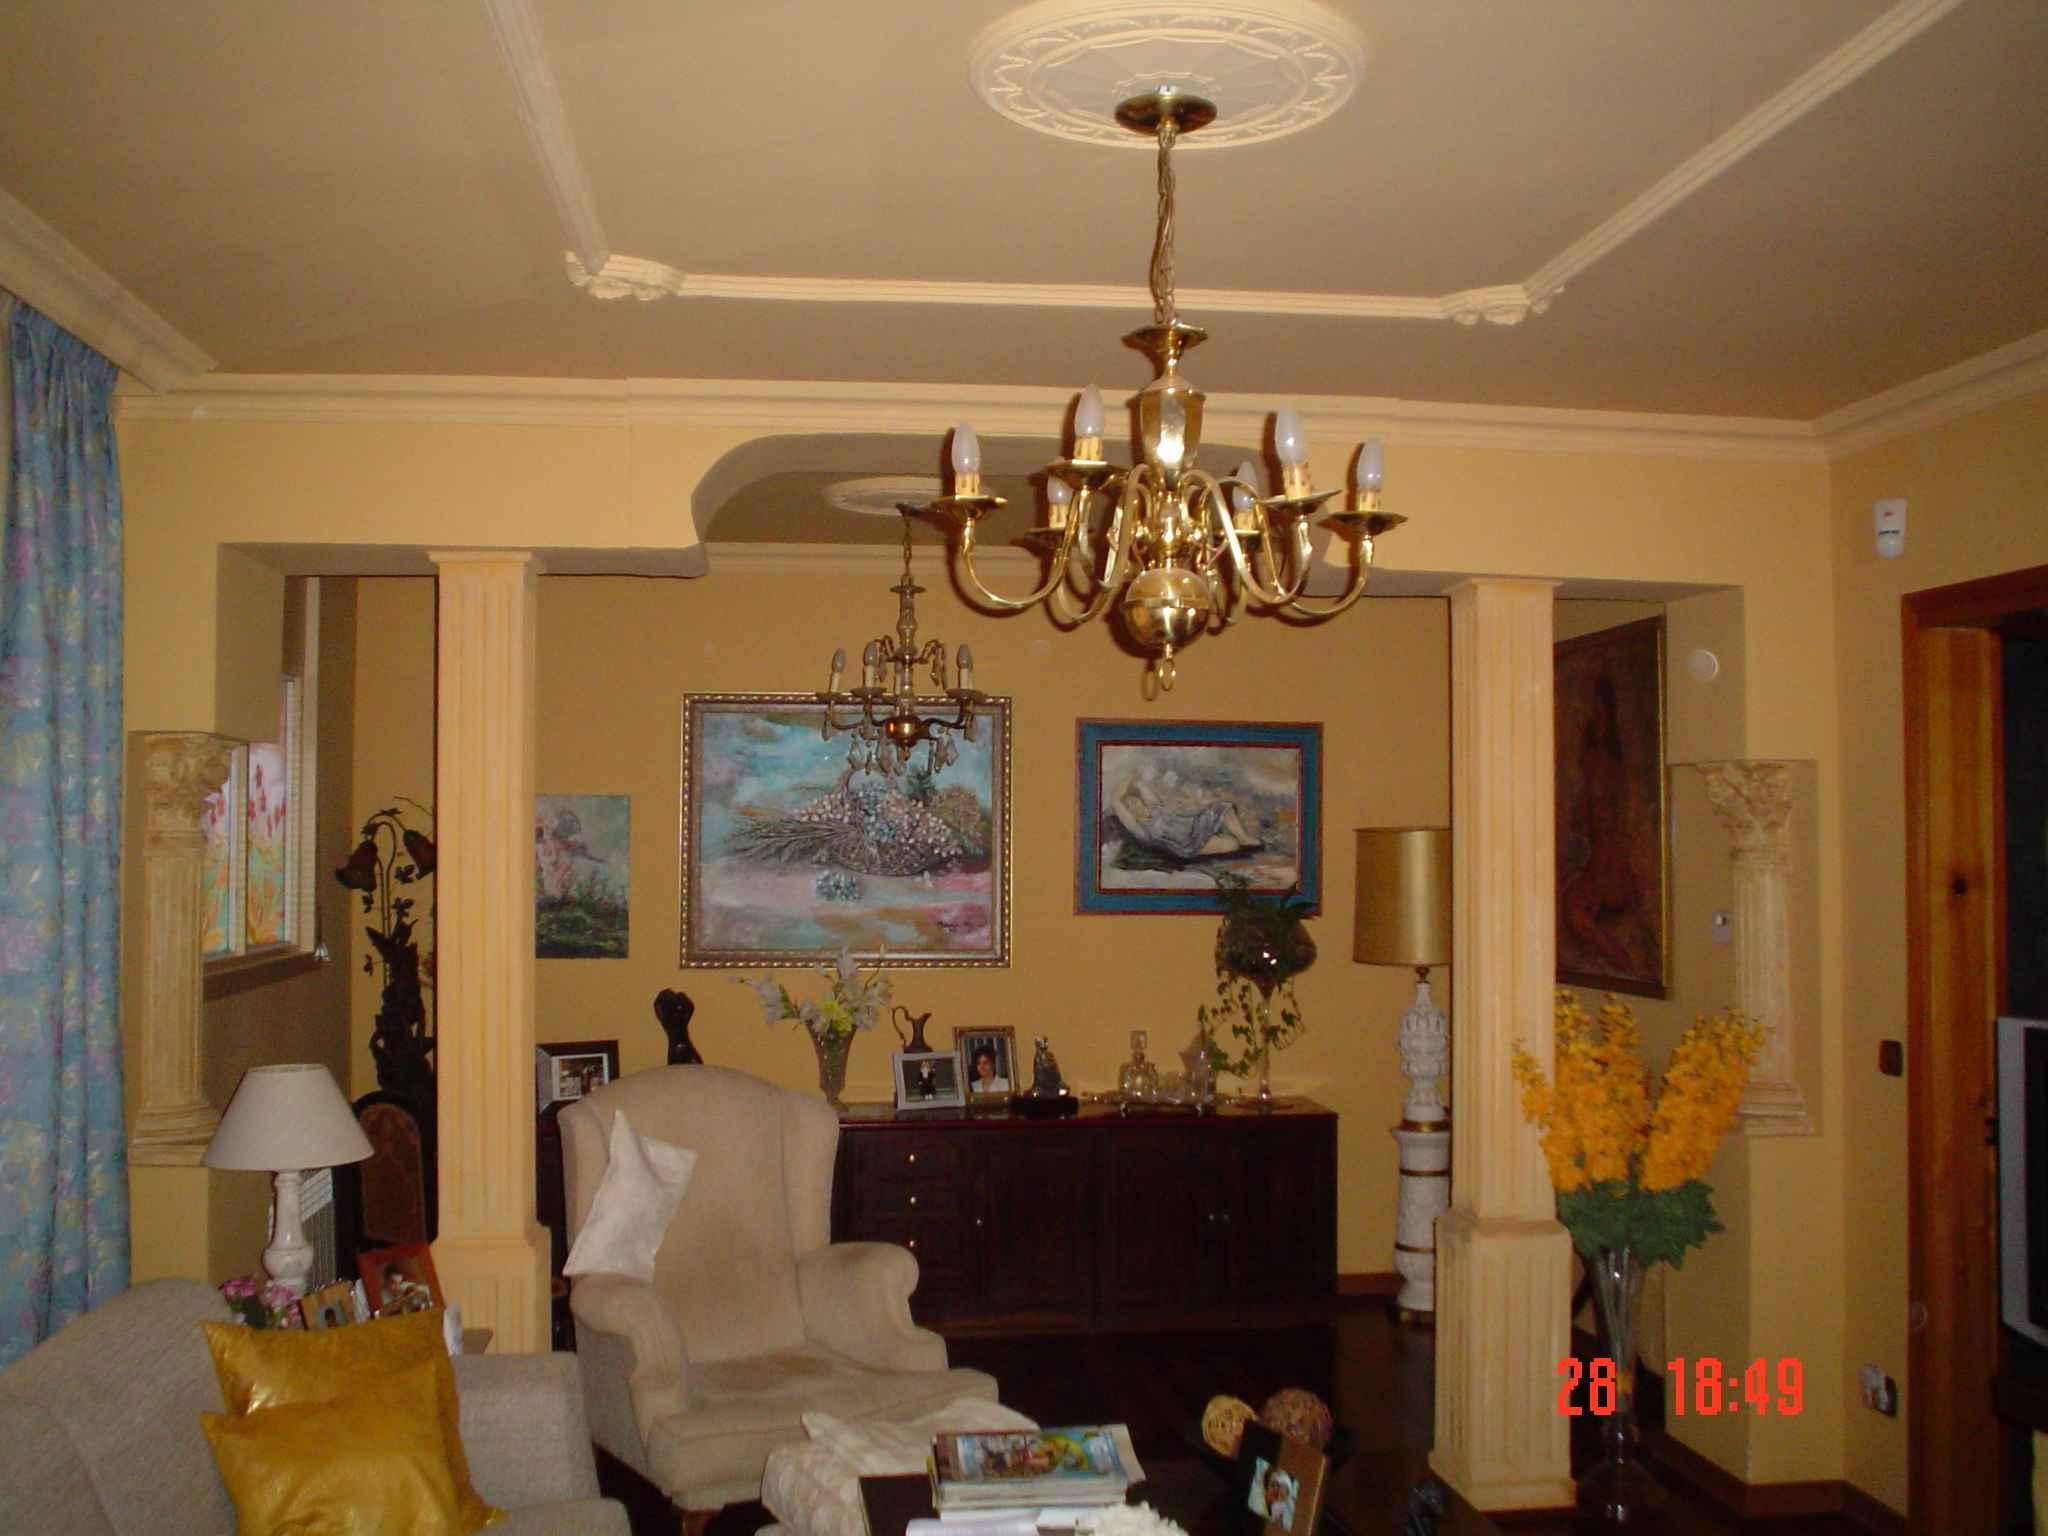 Pintura pintamos fachadas exteriores interiores casas for Pintura de casas interiores decoracion